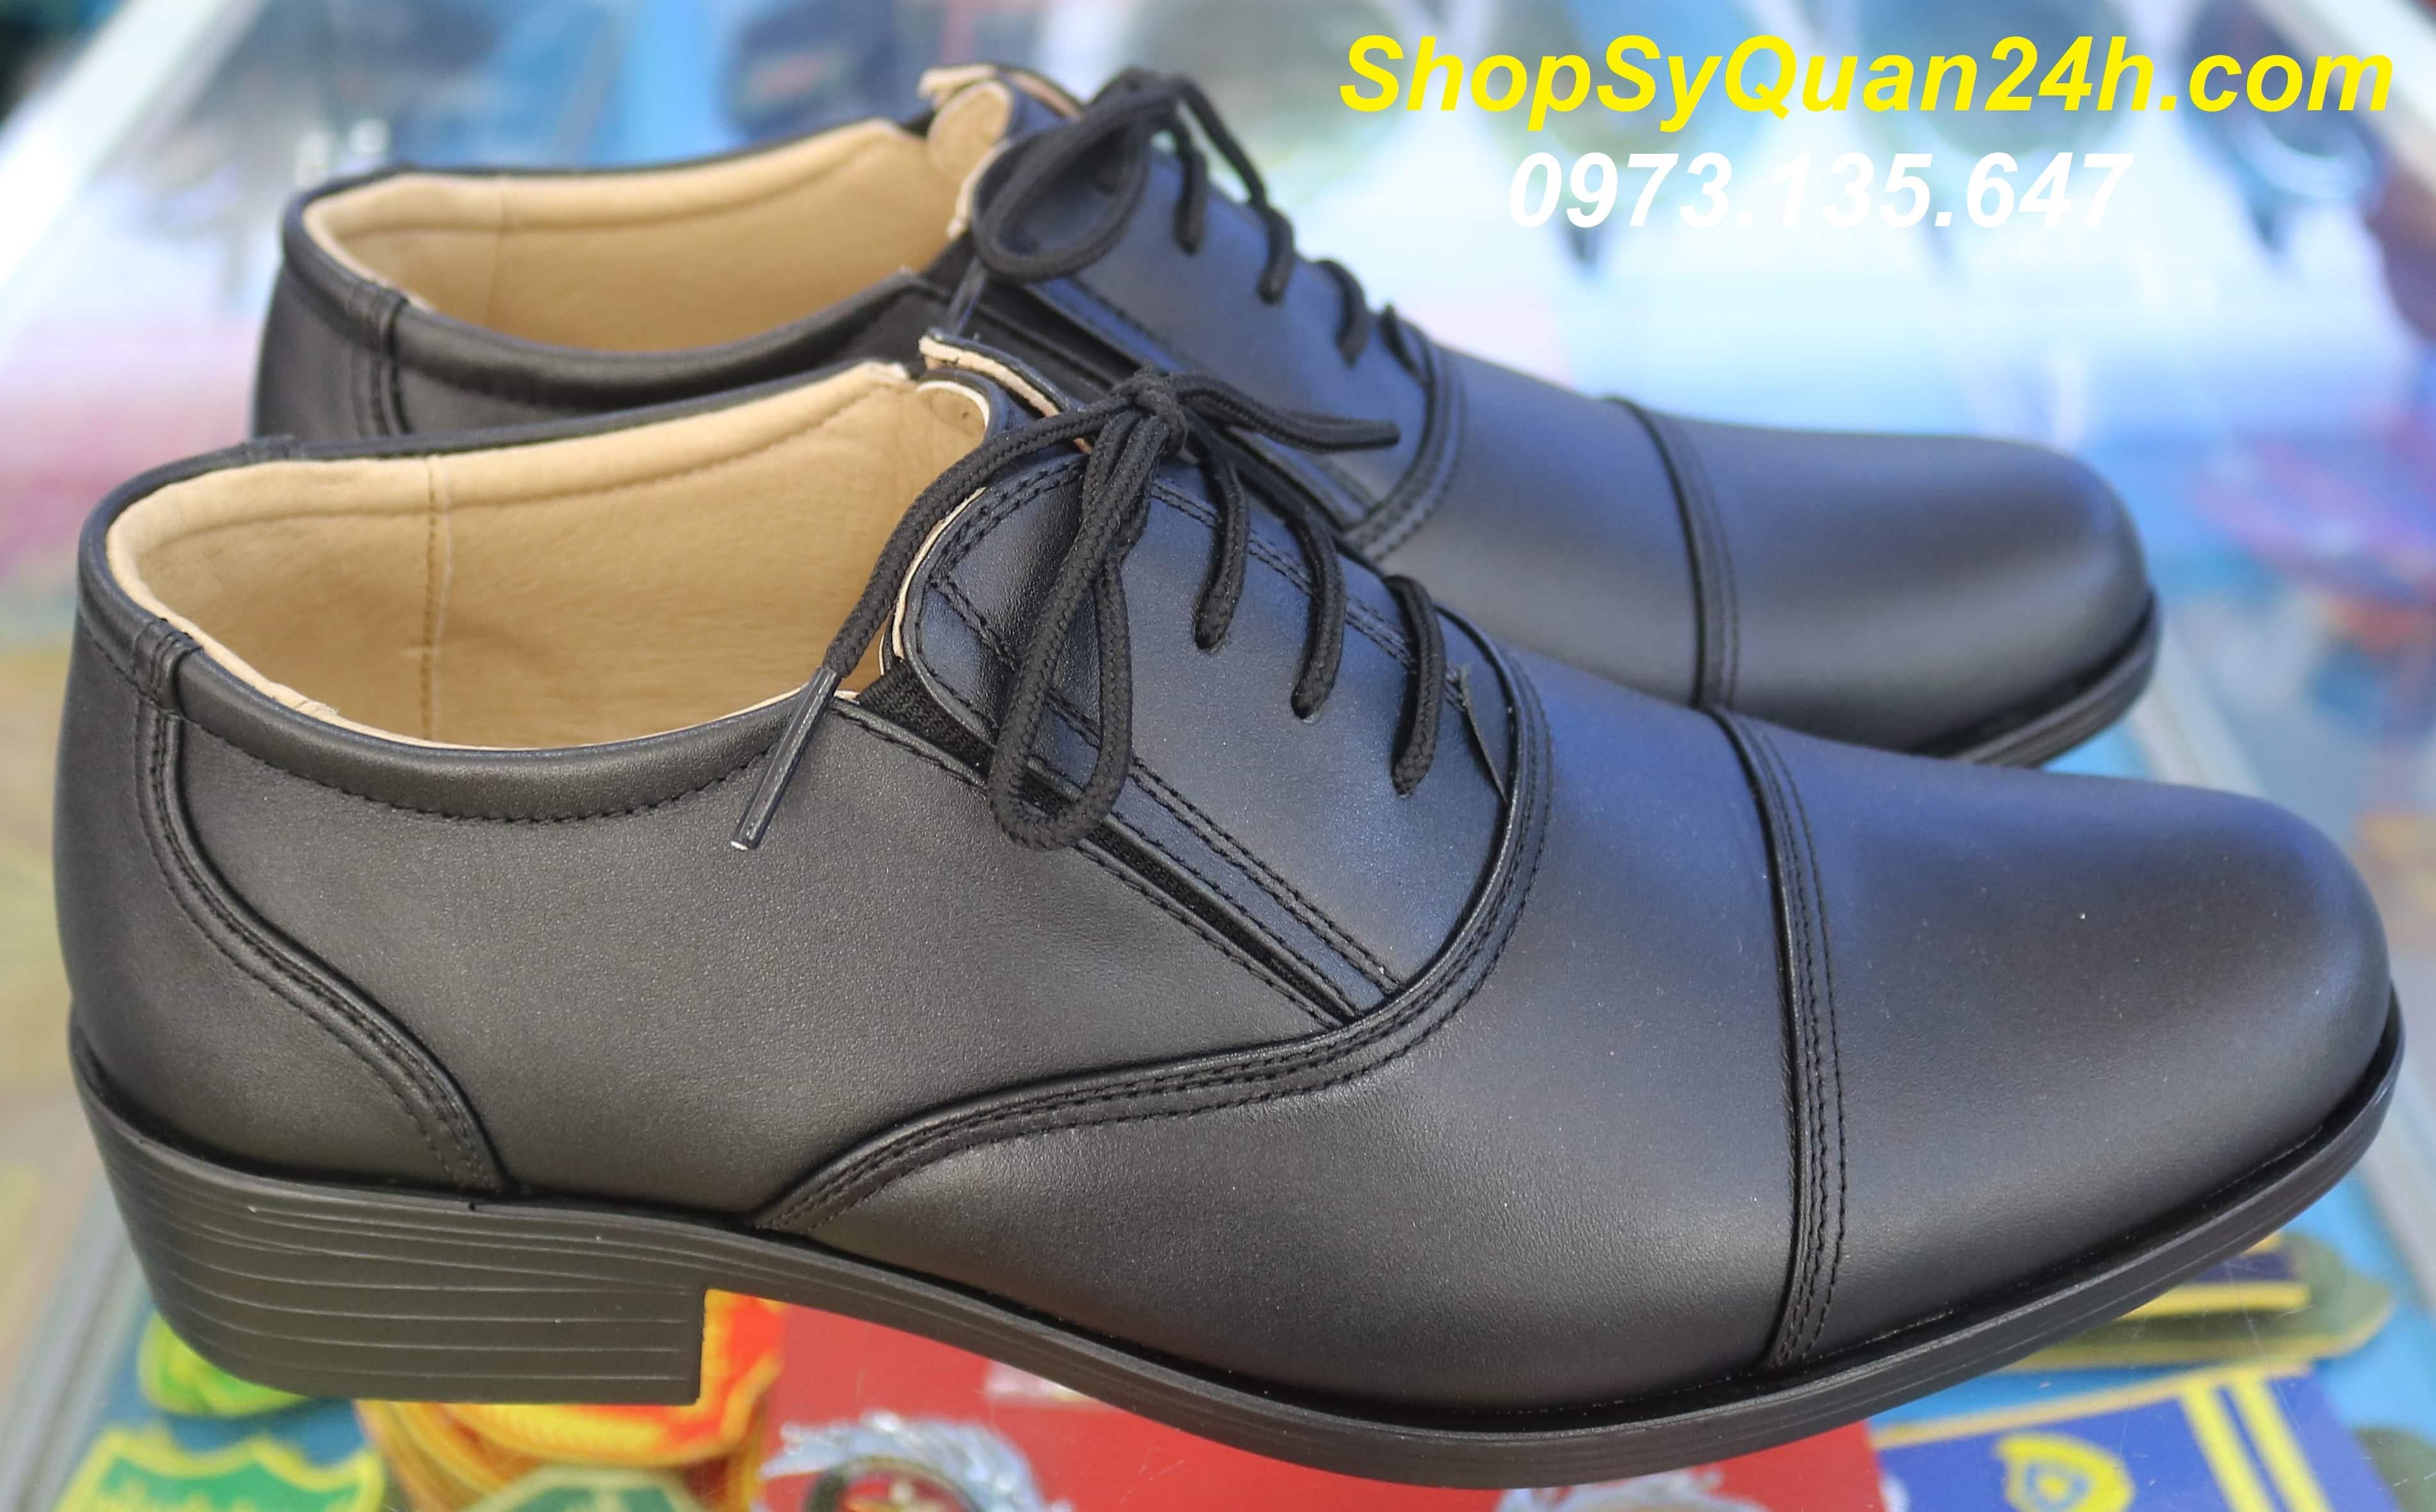 Giày Sỹ Quan Cấp Tướng Công An Mã PN11 Công ty 19/5 BCA